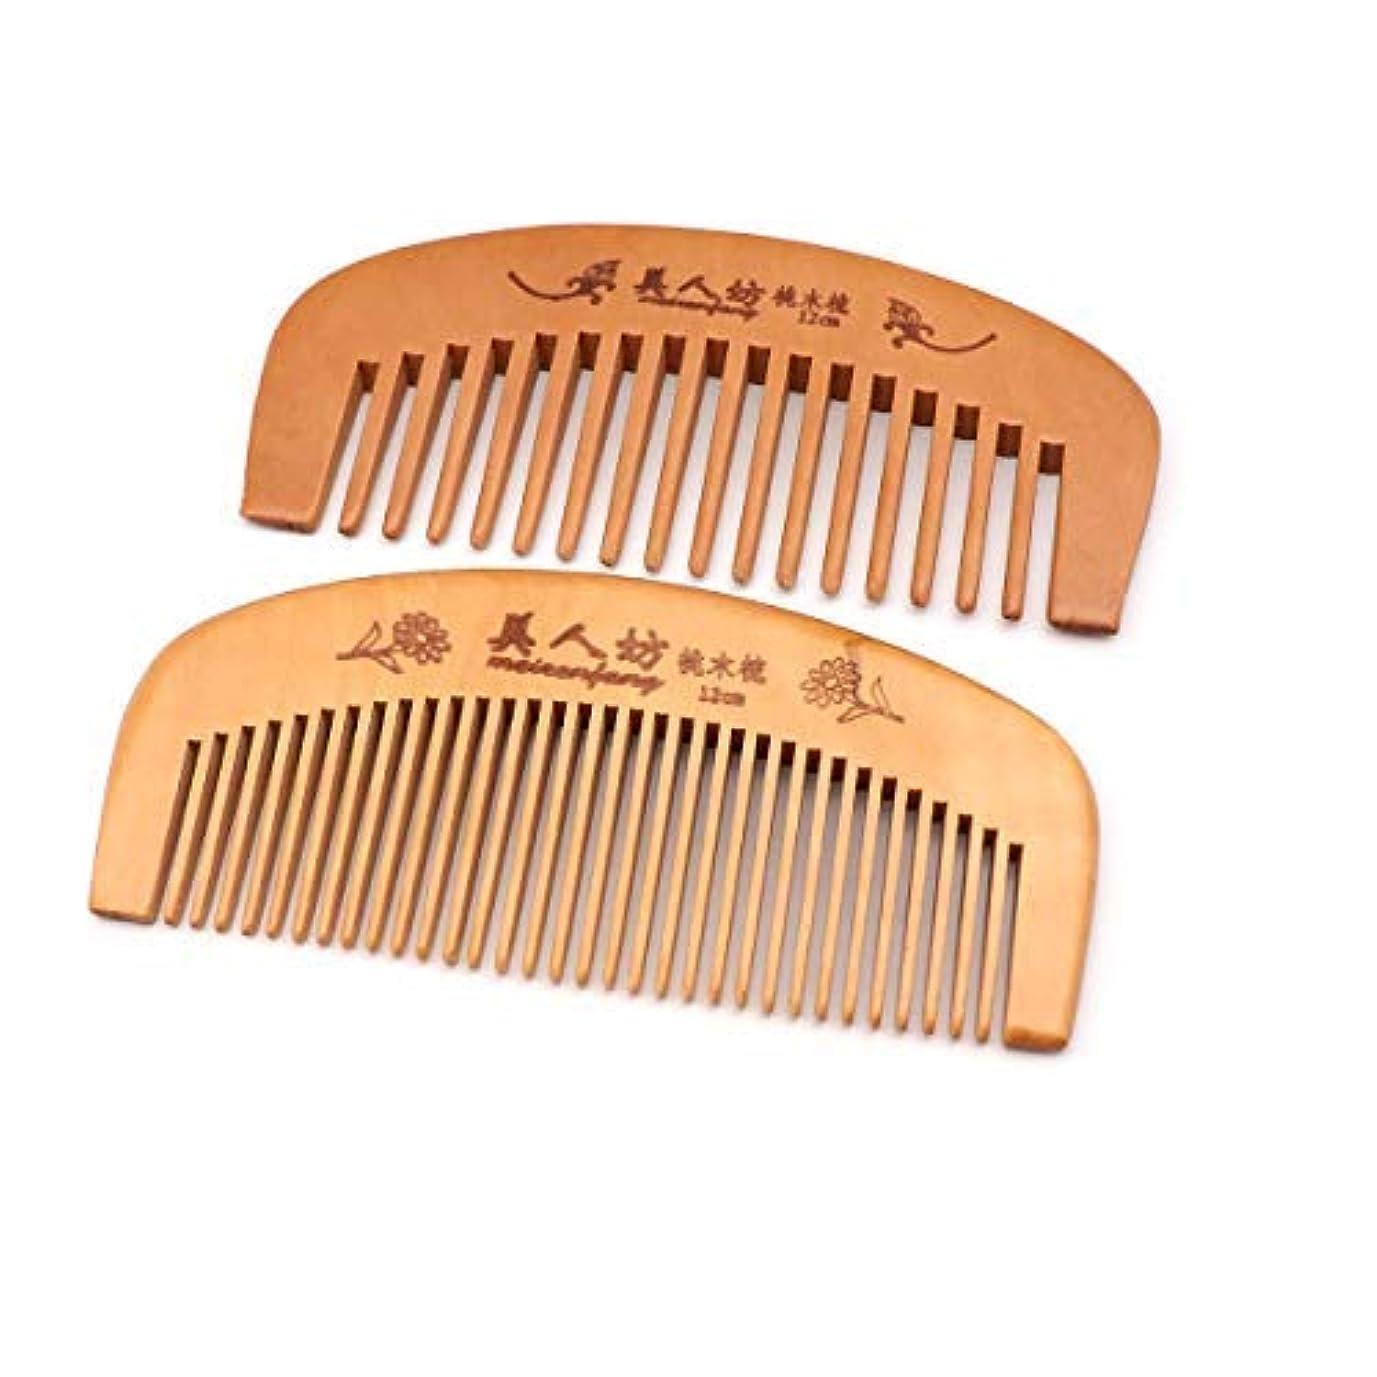 不規則性メールを書くガードHandmade Wooden Hair Comb for Curly Wide Toothed Wooden Comb, anti-Static and Barrier-free Hand Brushing Beard...